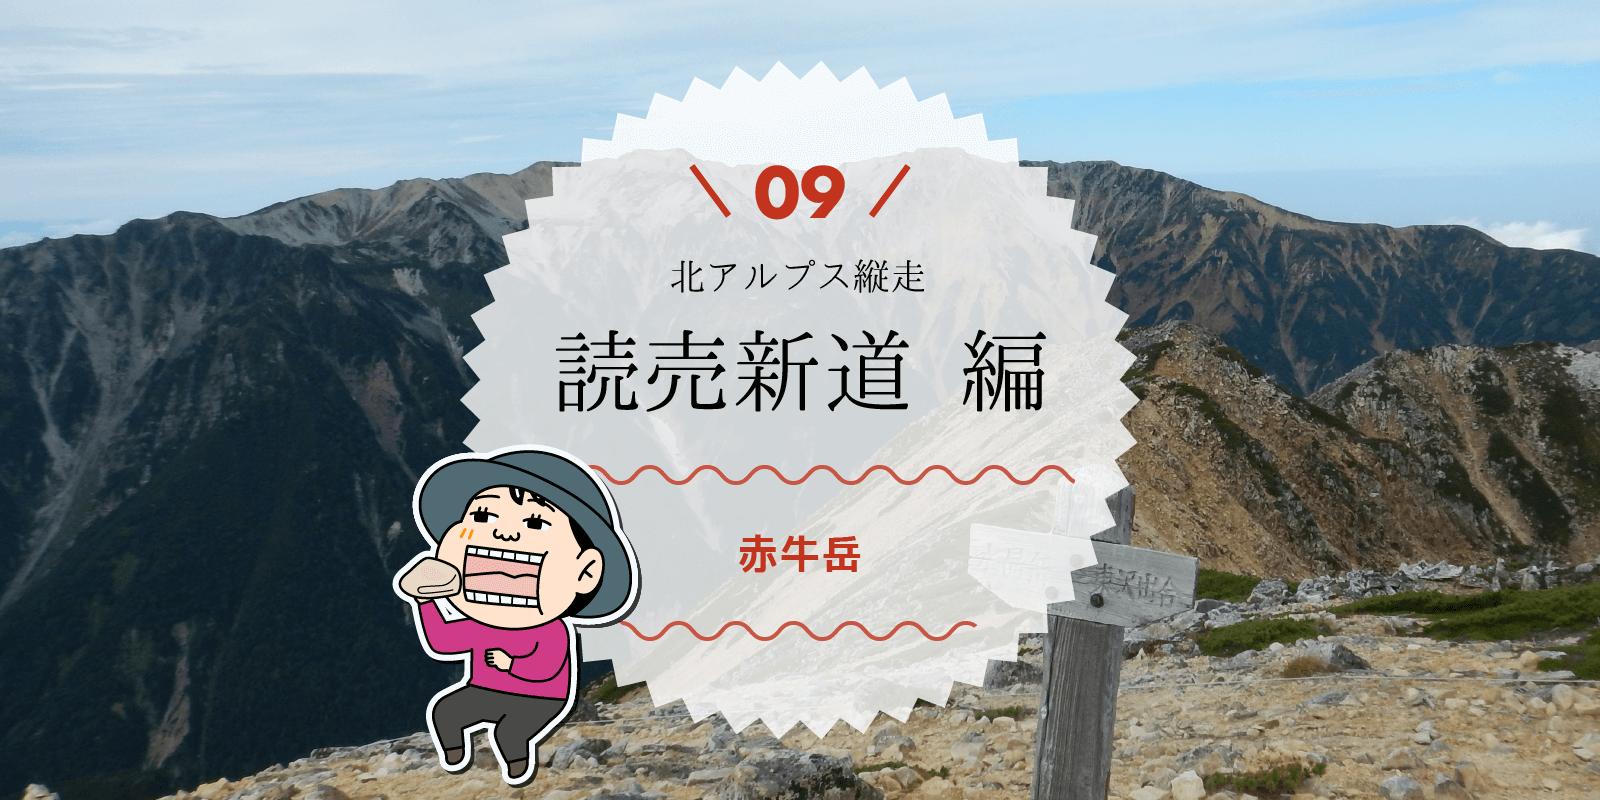 読売新道赤牛岳タイトル画面